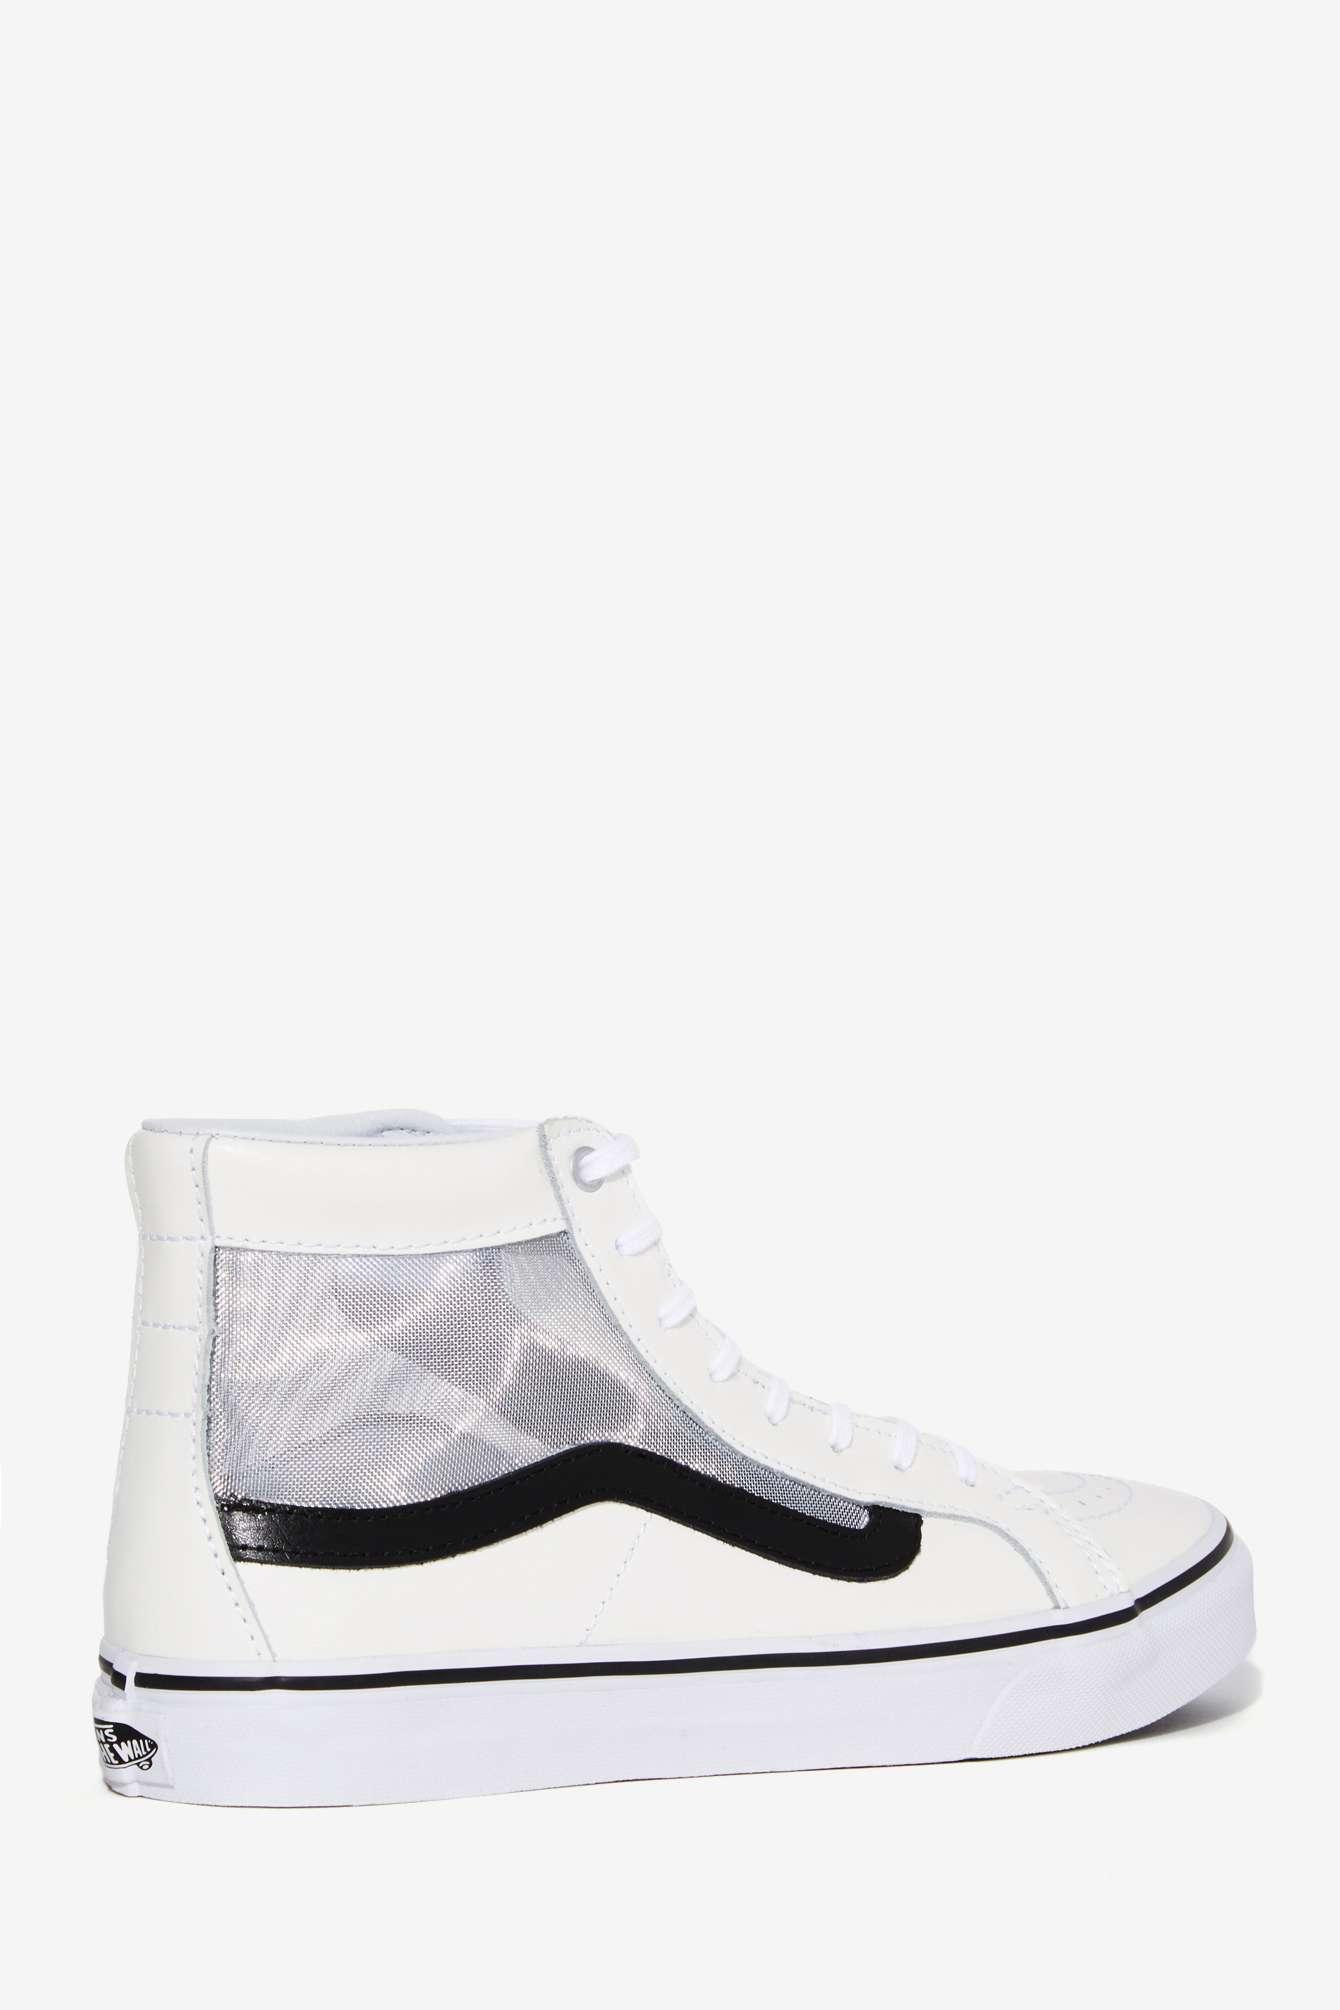 c5bfe24429 Lyst - Nasty Gal Vans Mesh Sk8-hi Slim Cutout Sneaker - White in White